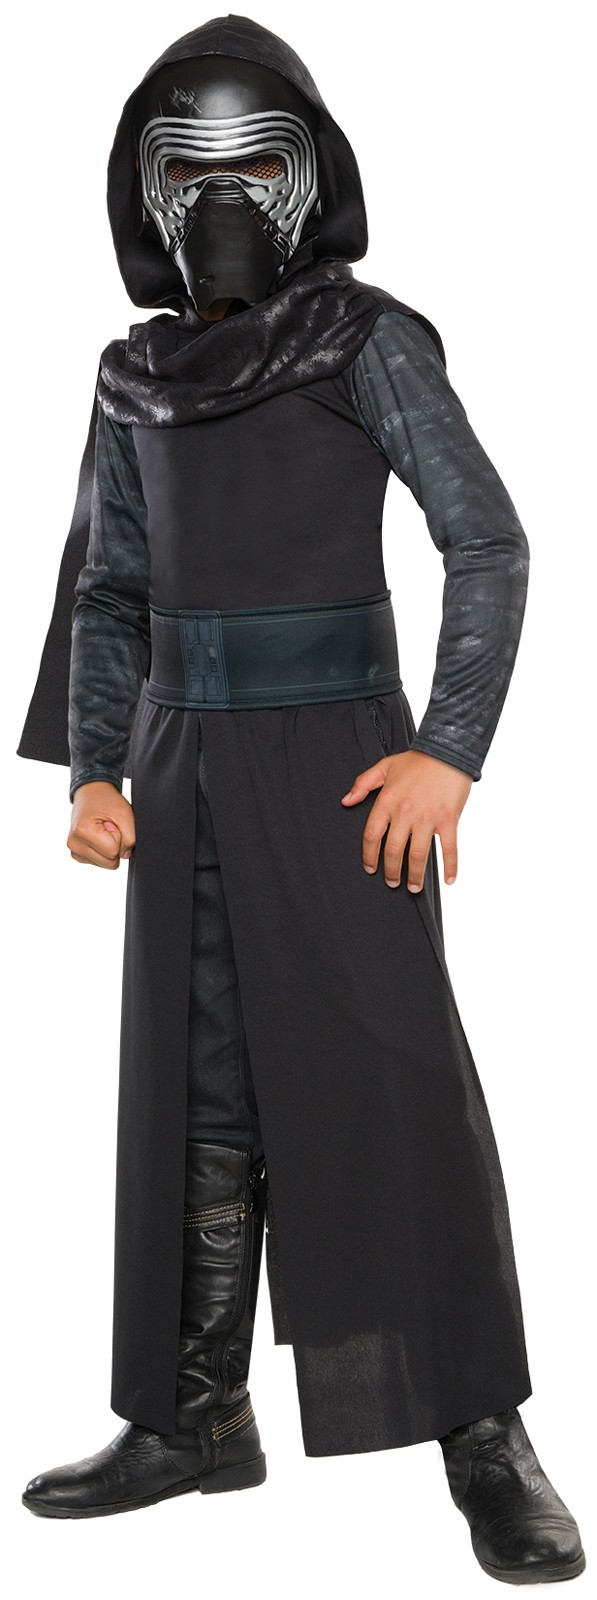 Kylon Ren Star Wars costume